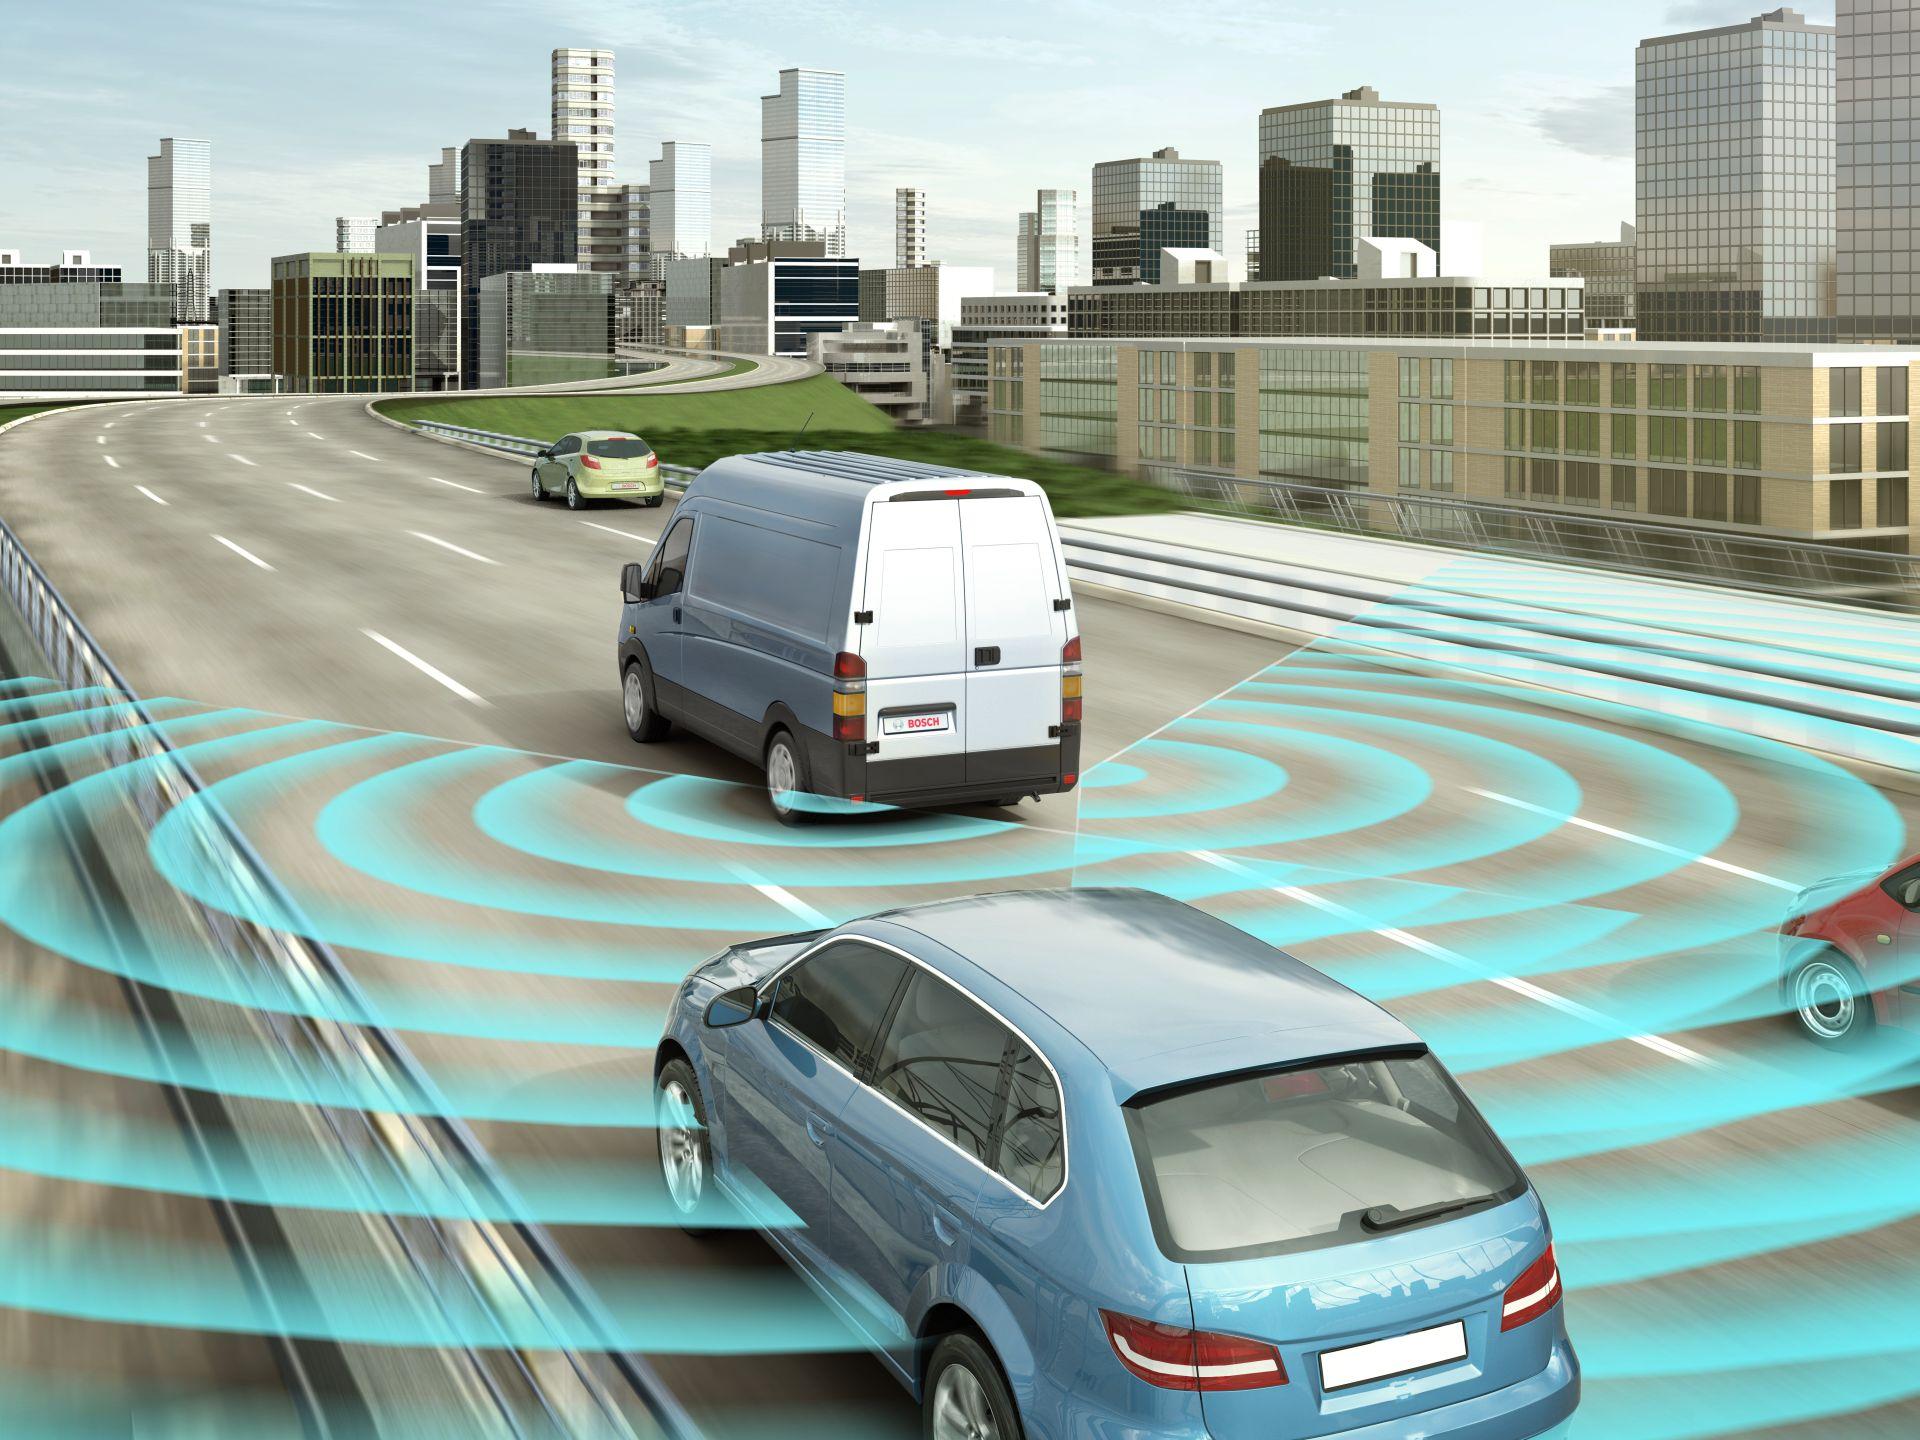 Bosch utire put u transportnom saobraćaju – Bosch inovacije na IAA 2018.